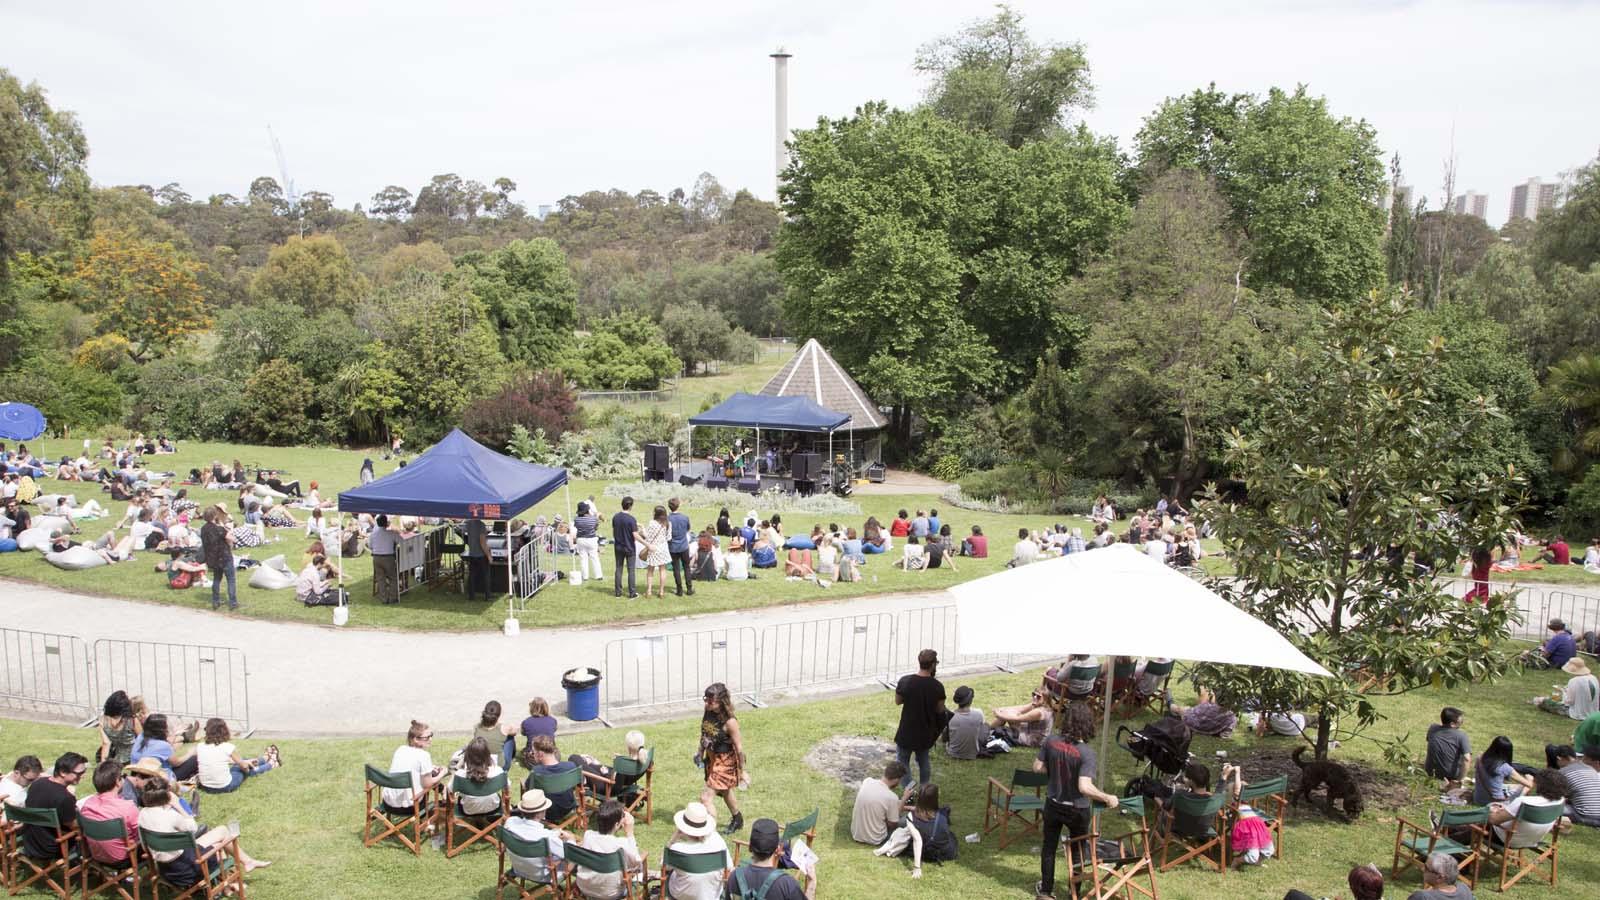 Abbotsford Convent open spaces, Abbotsford, Melbourne, Victoria, Australia